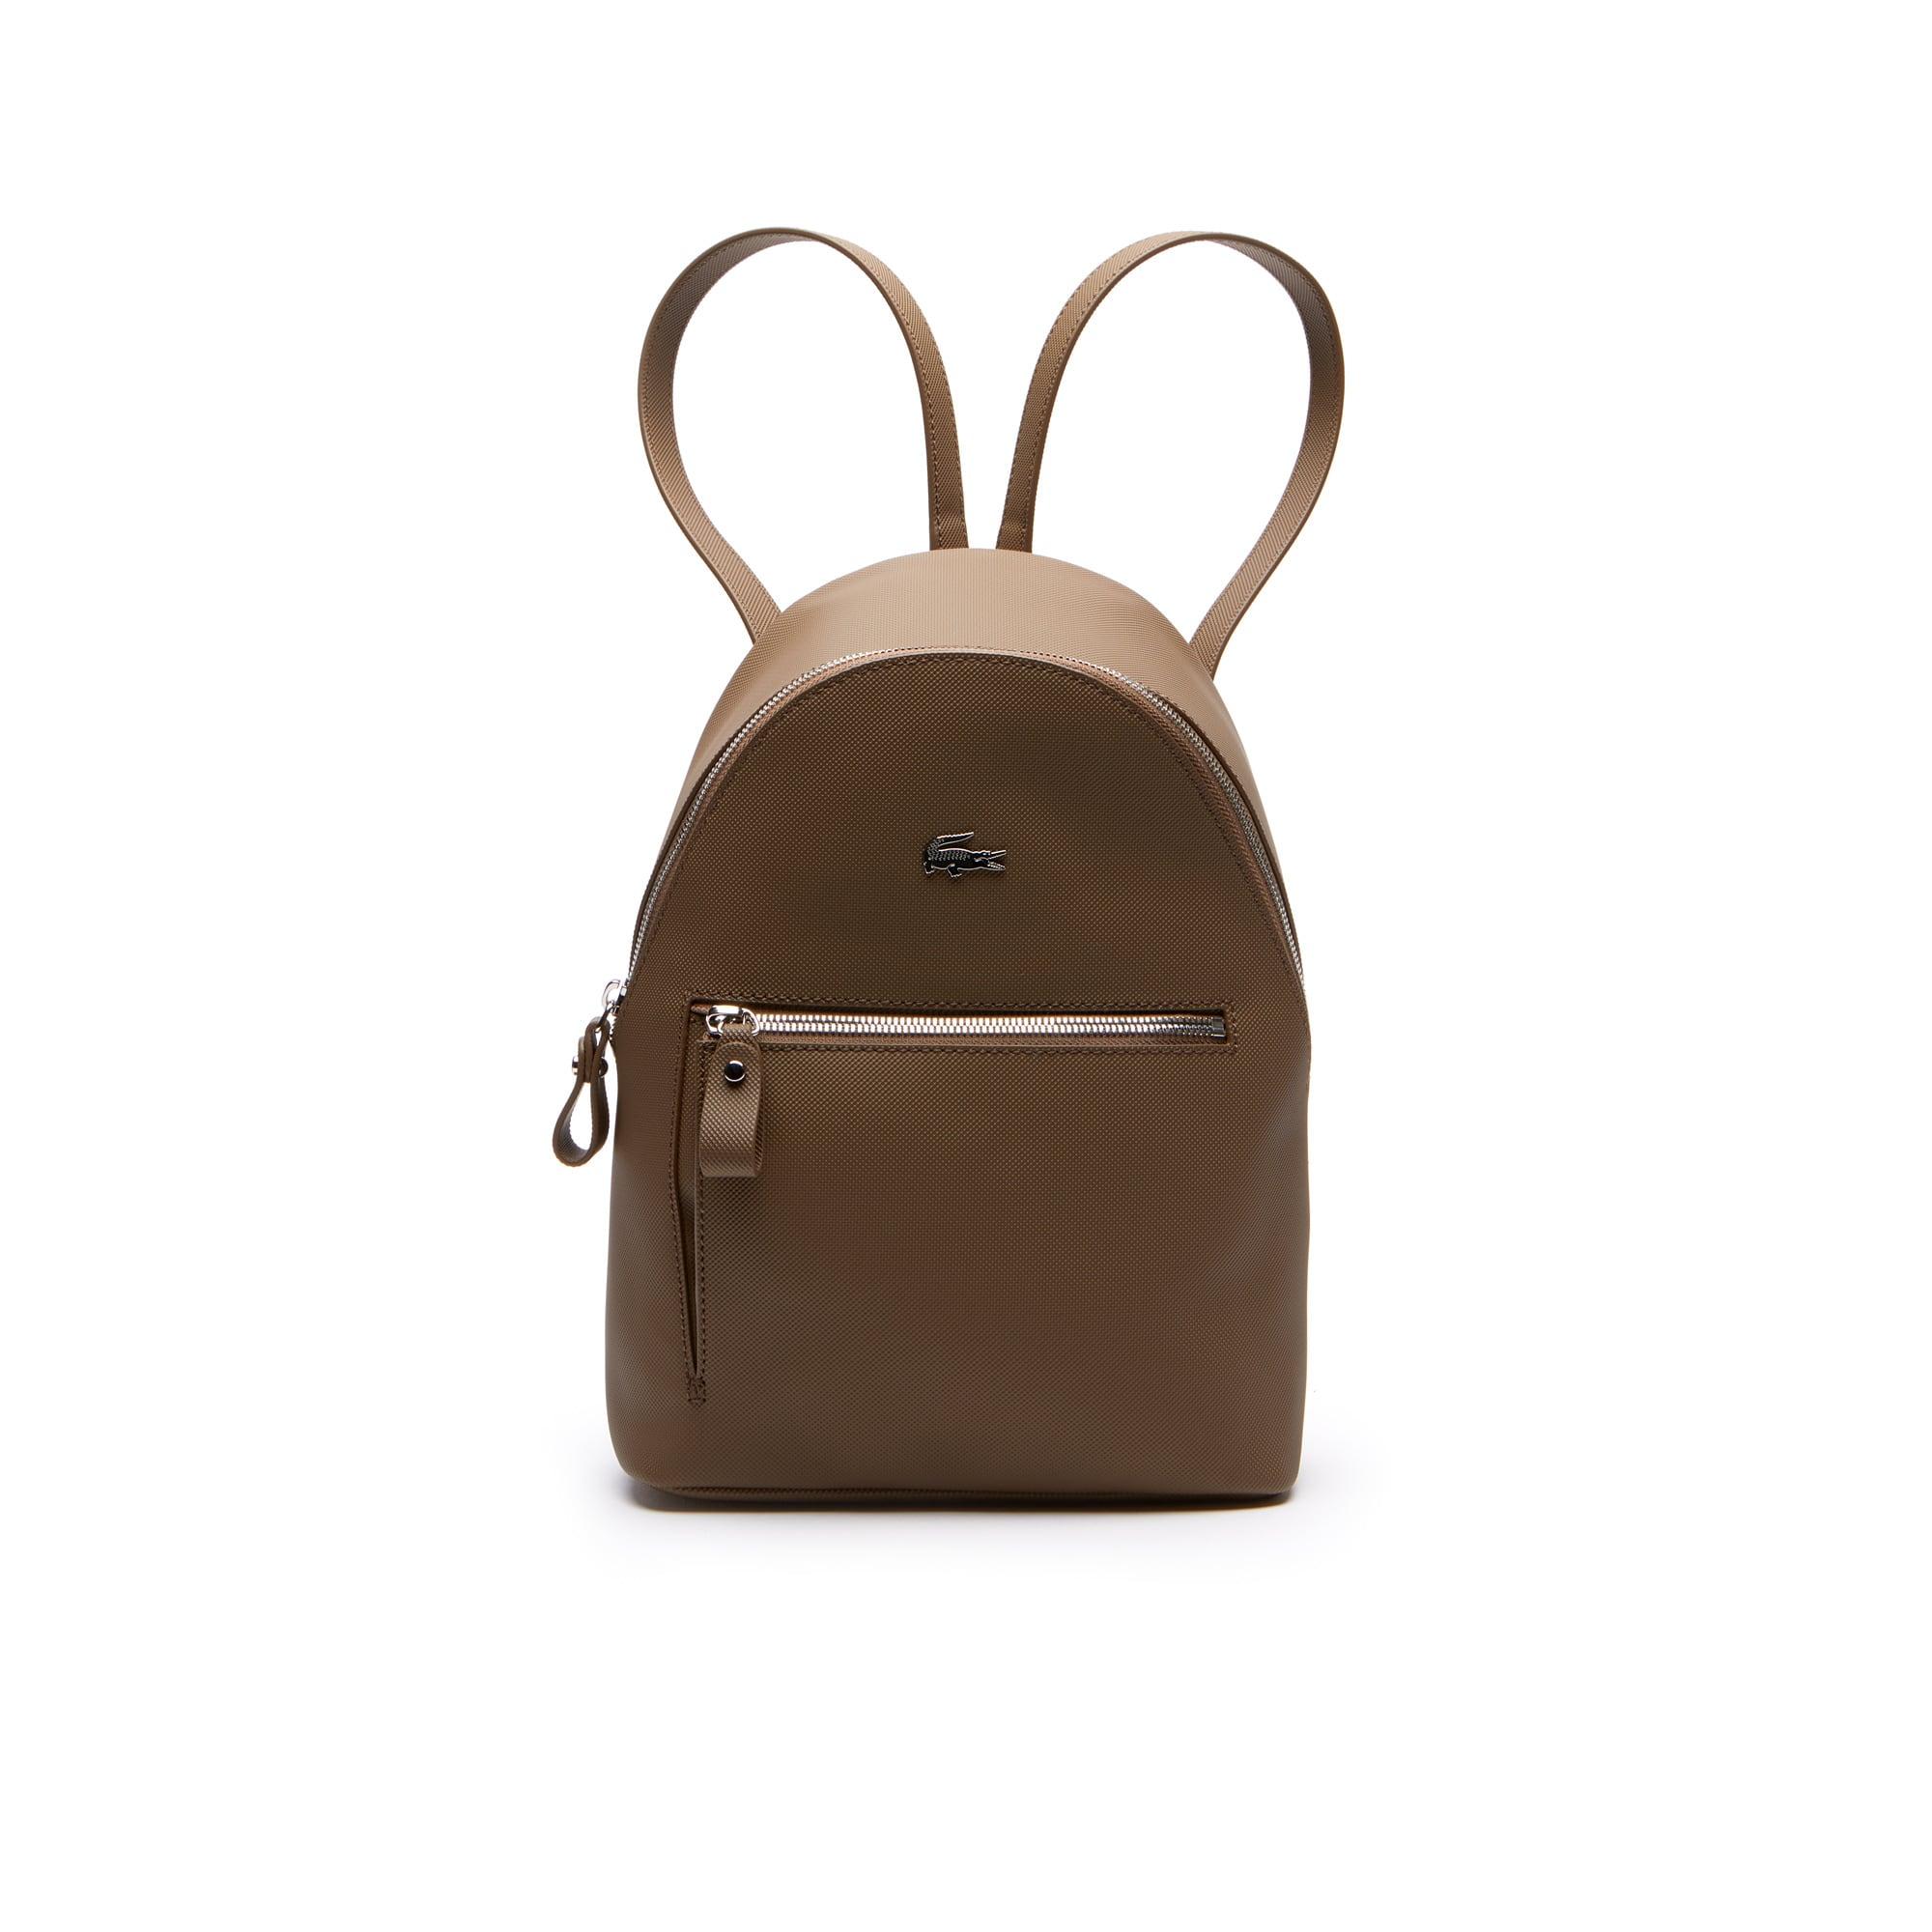 Damen-Rucksack DAILY CLASSIC aus beschichtetem Piqué-Canvas